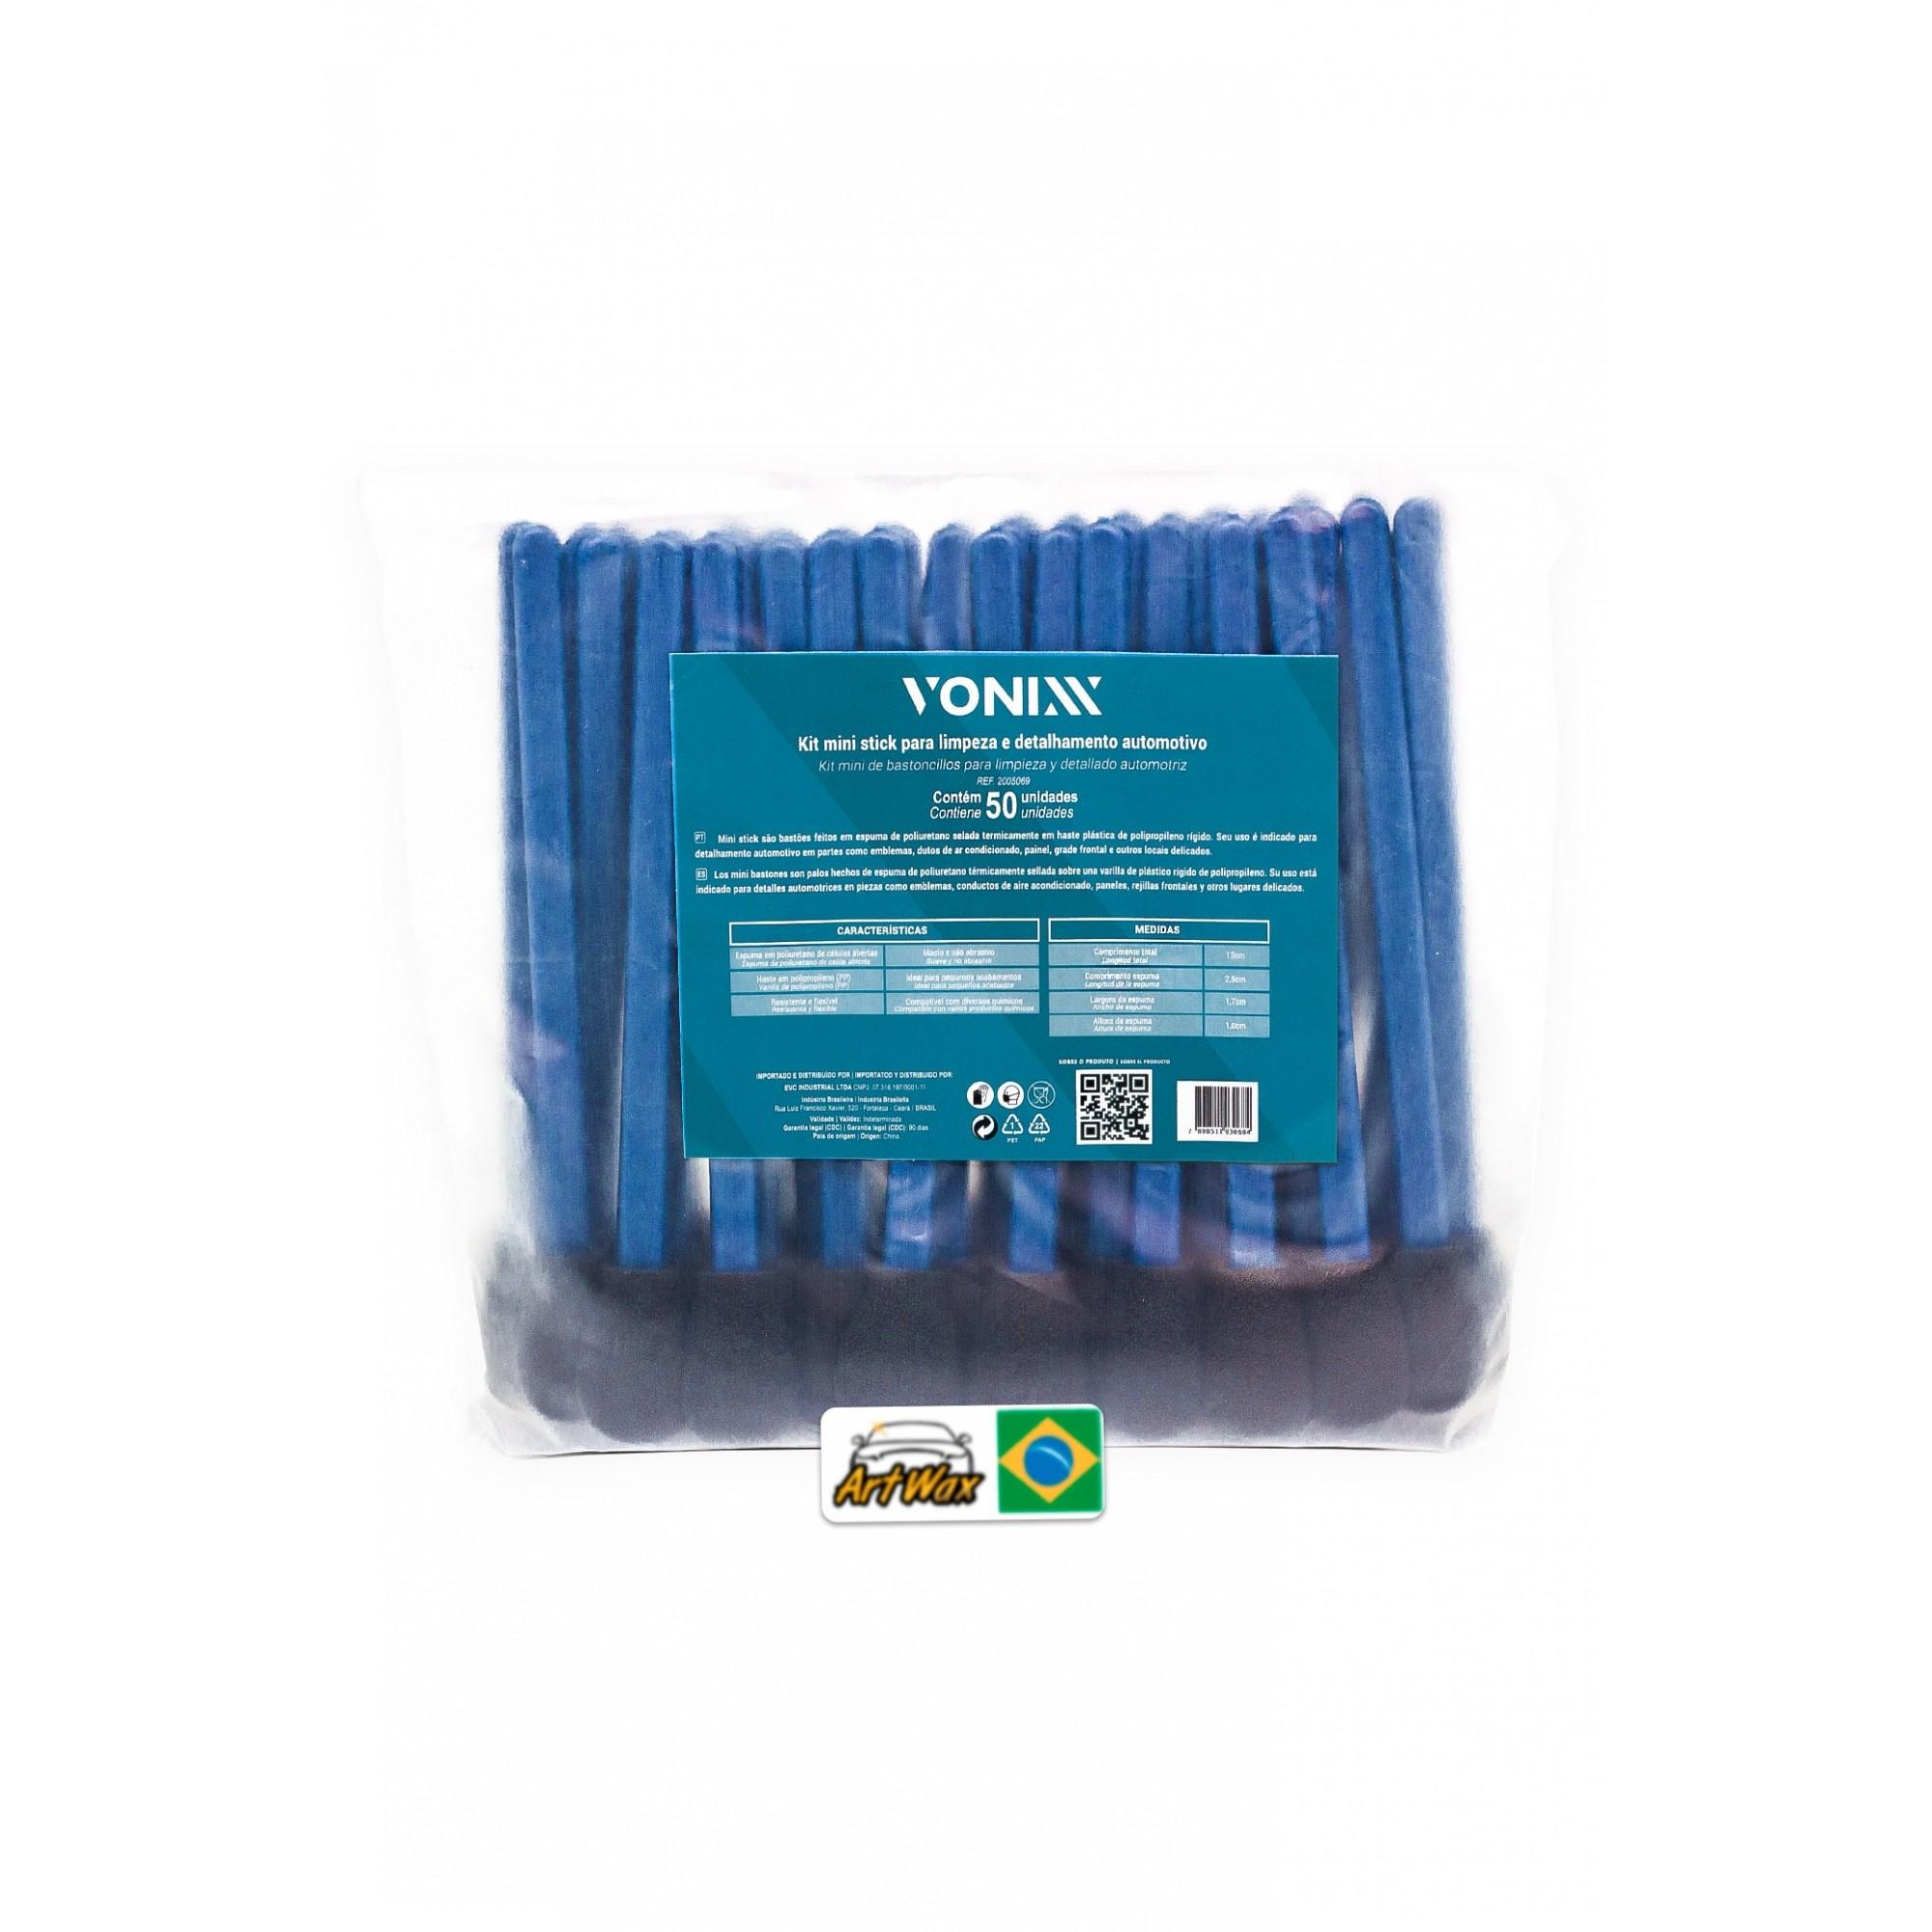 Kit Mini Stick Redondo Para Detalhamento Locais Pequenos Vonixx - 50 Peças